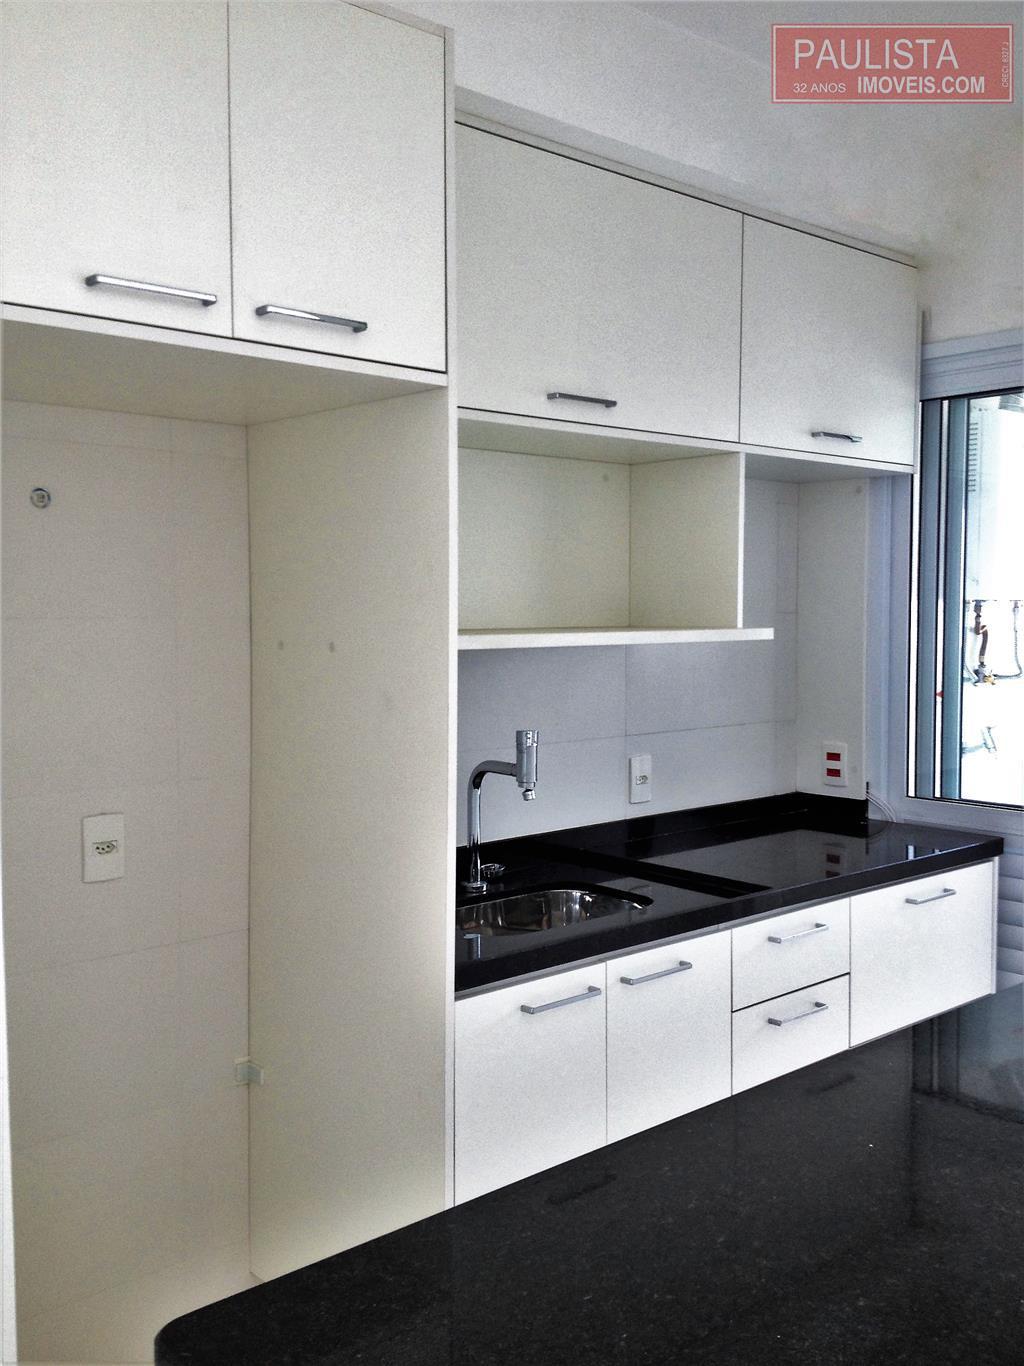 Paulista Imóveis - Apto 1 Dorm, Brooklin (AP12755) - Foto 10